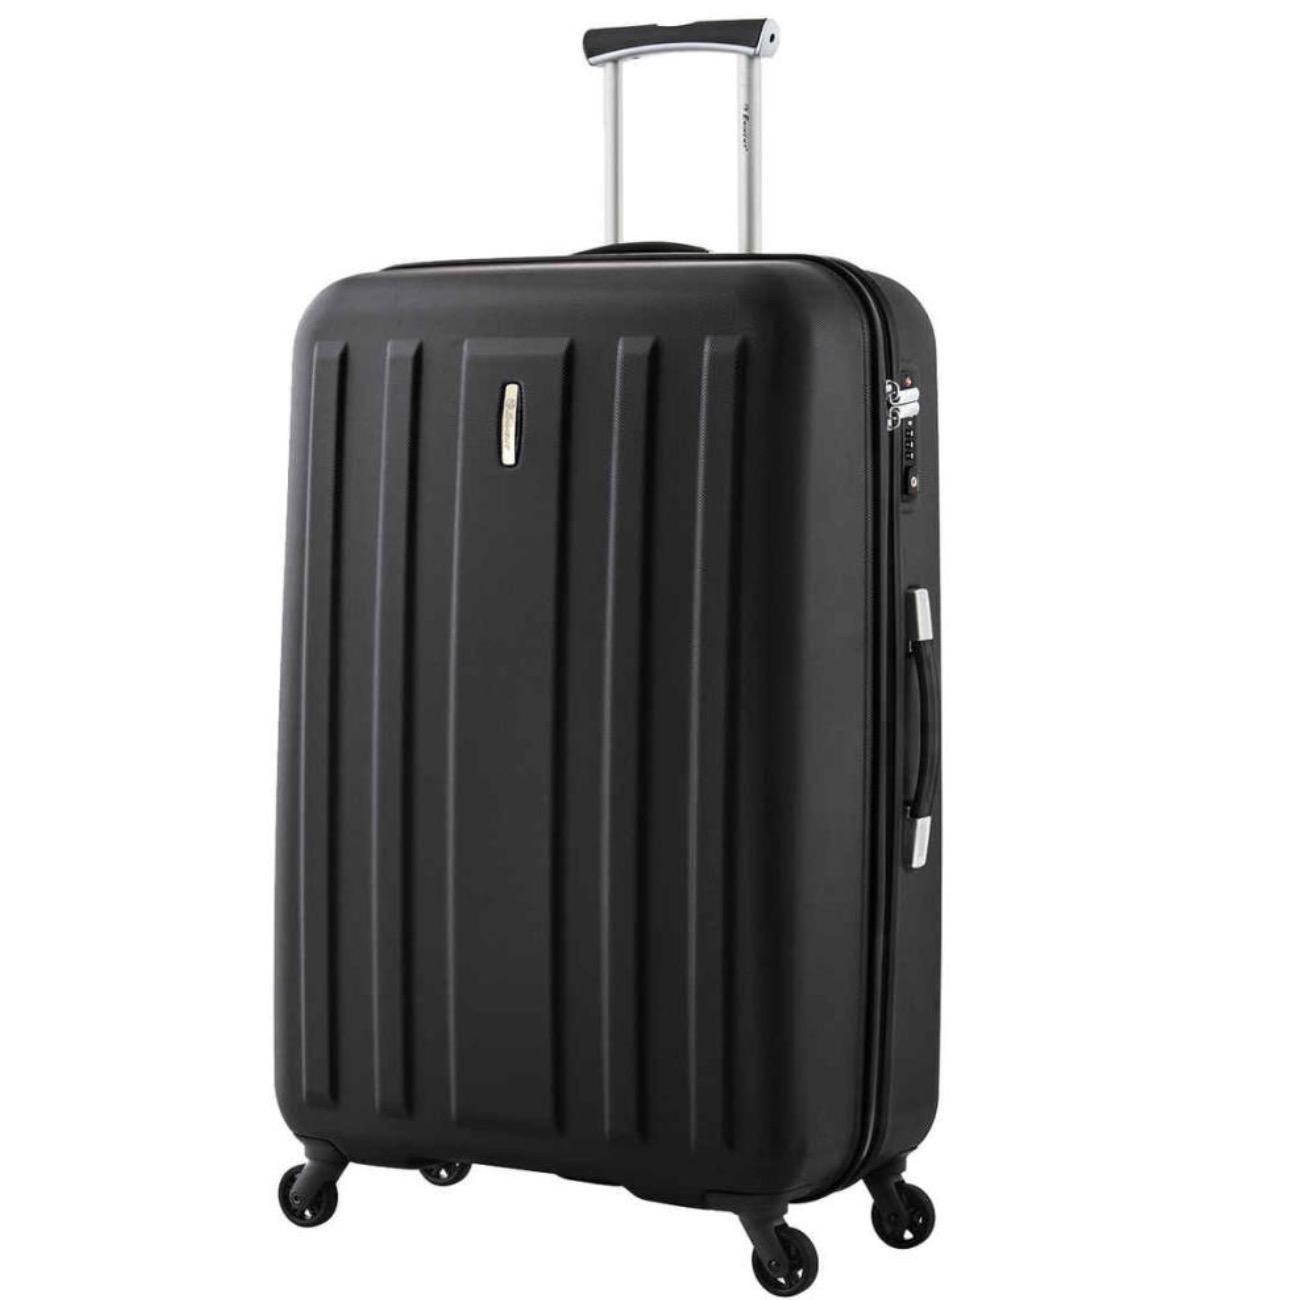 25 rabatt auf ausgew hlte trolleys reisetaschen. Black Bedroom Furniture Sets. Home Design Ideas